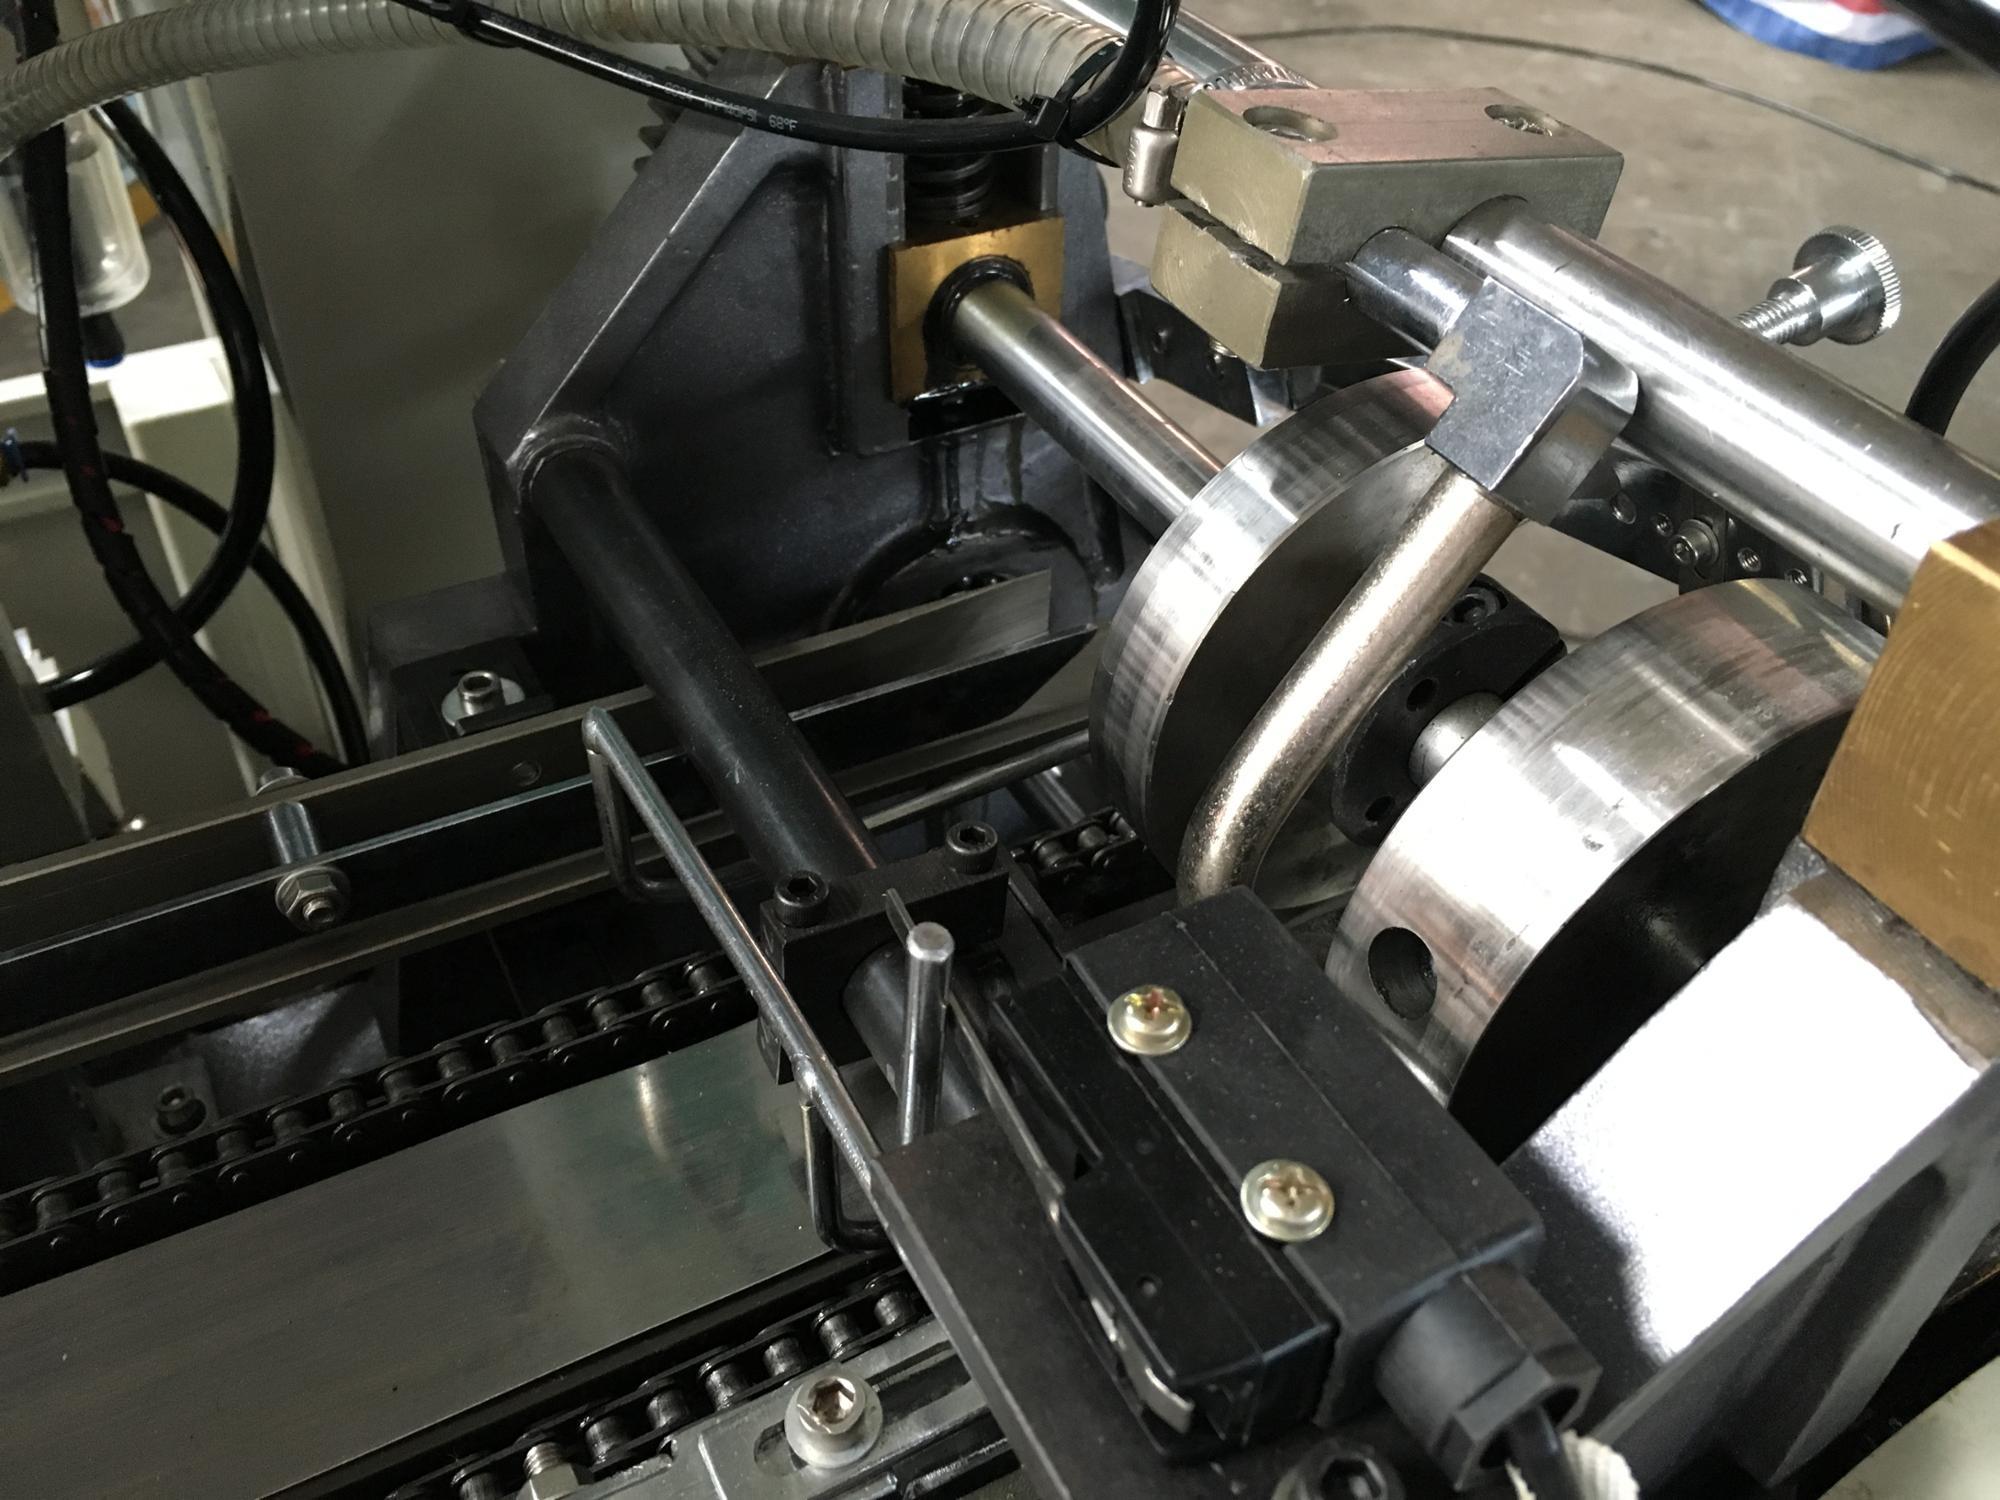 ซัพพลายเออร์จีนน้ำแข็งอัตโนมัติถ้วยไอศครีมโคนแขนเครื่องทำ